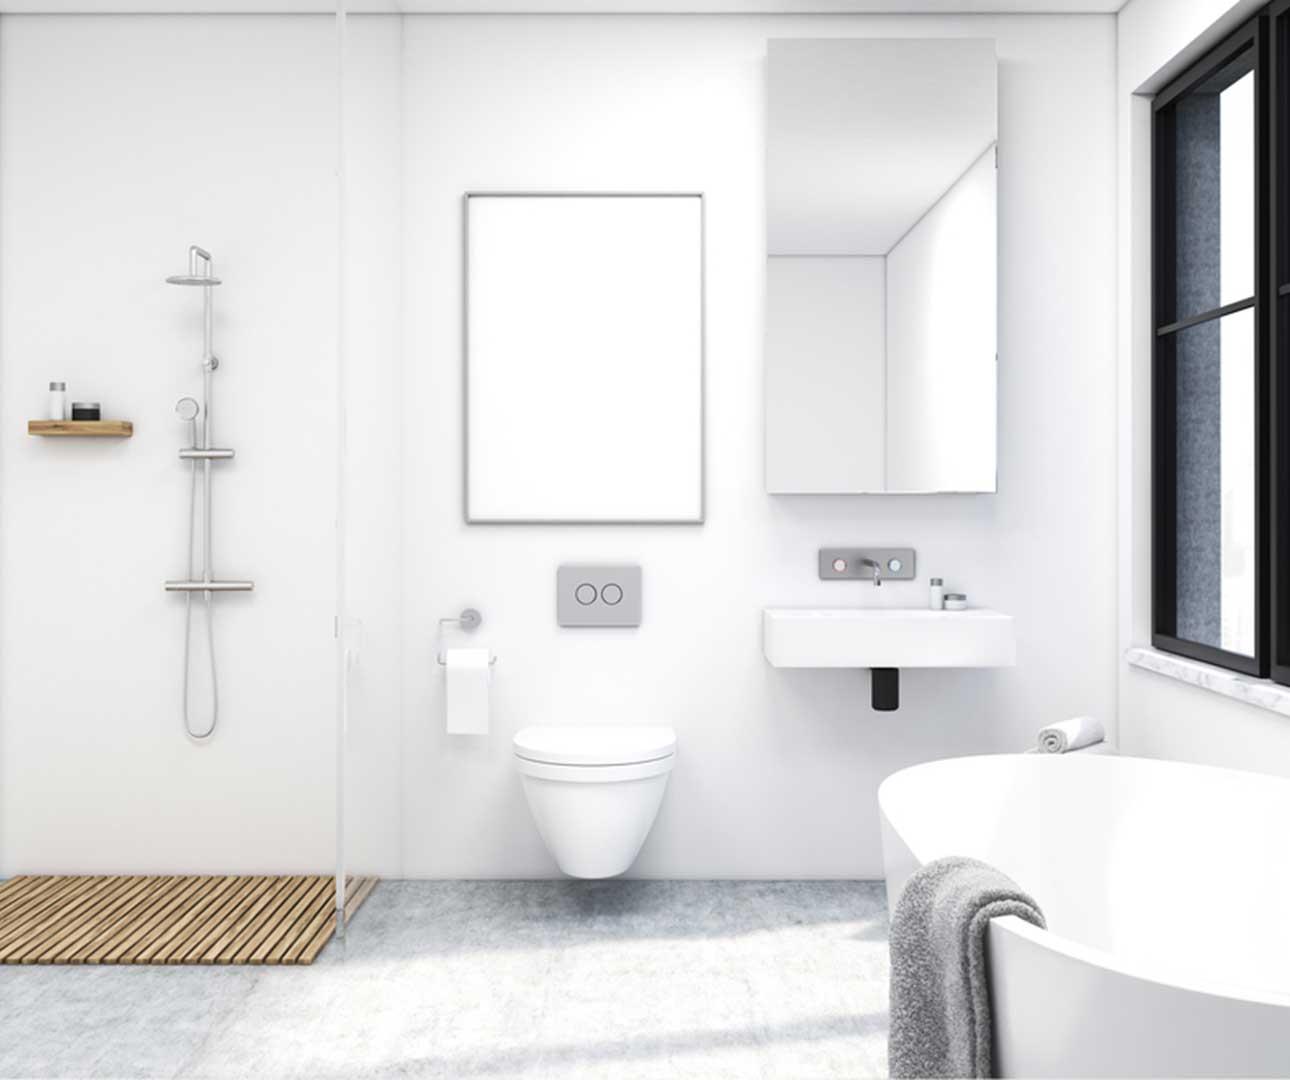 vitra salle de bains